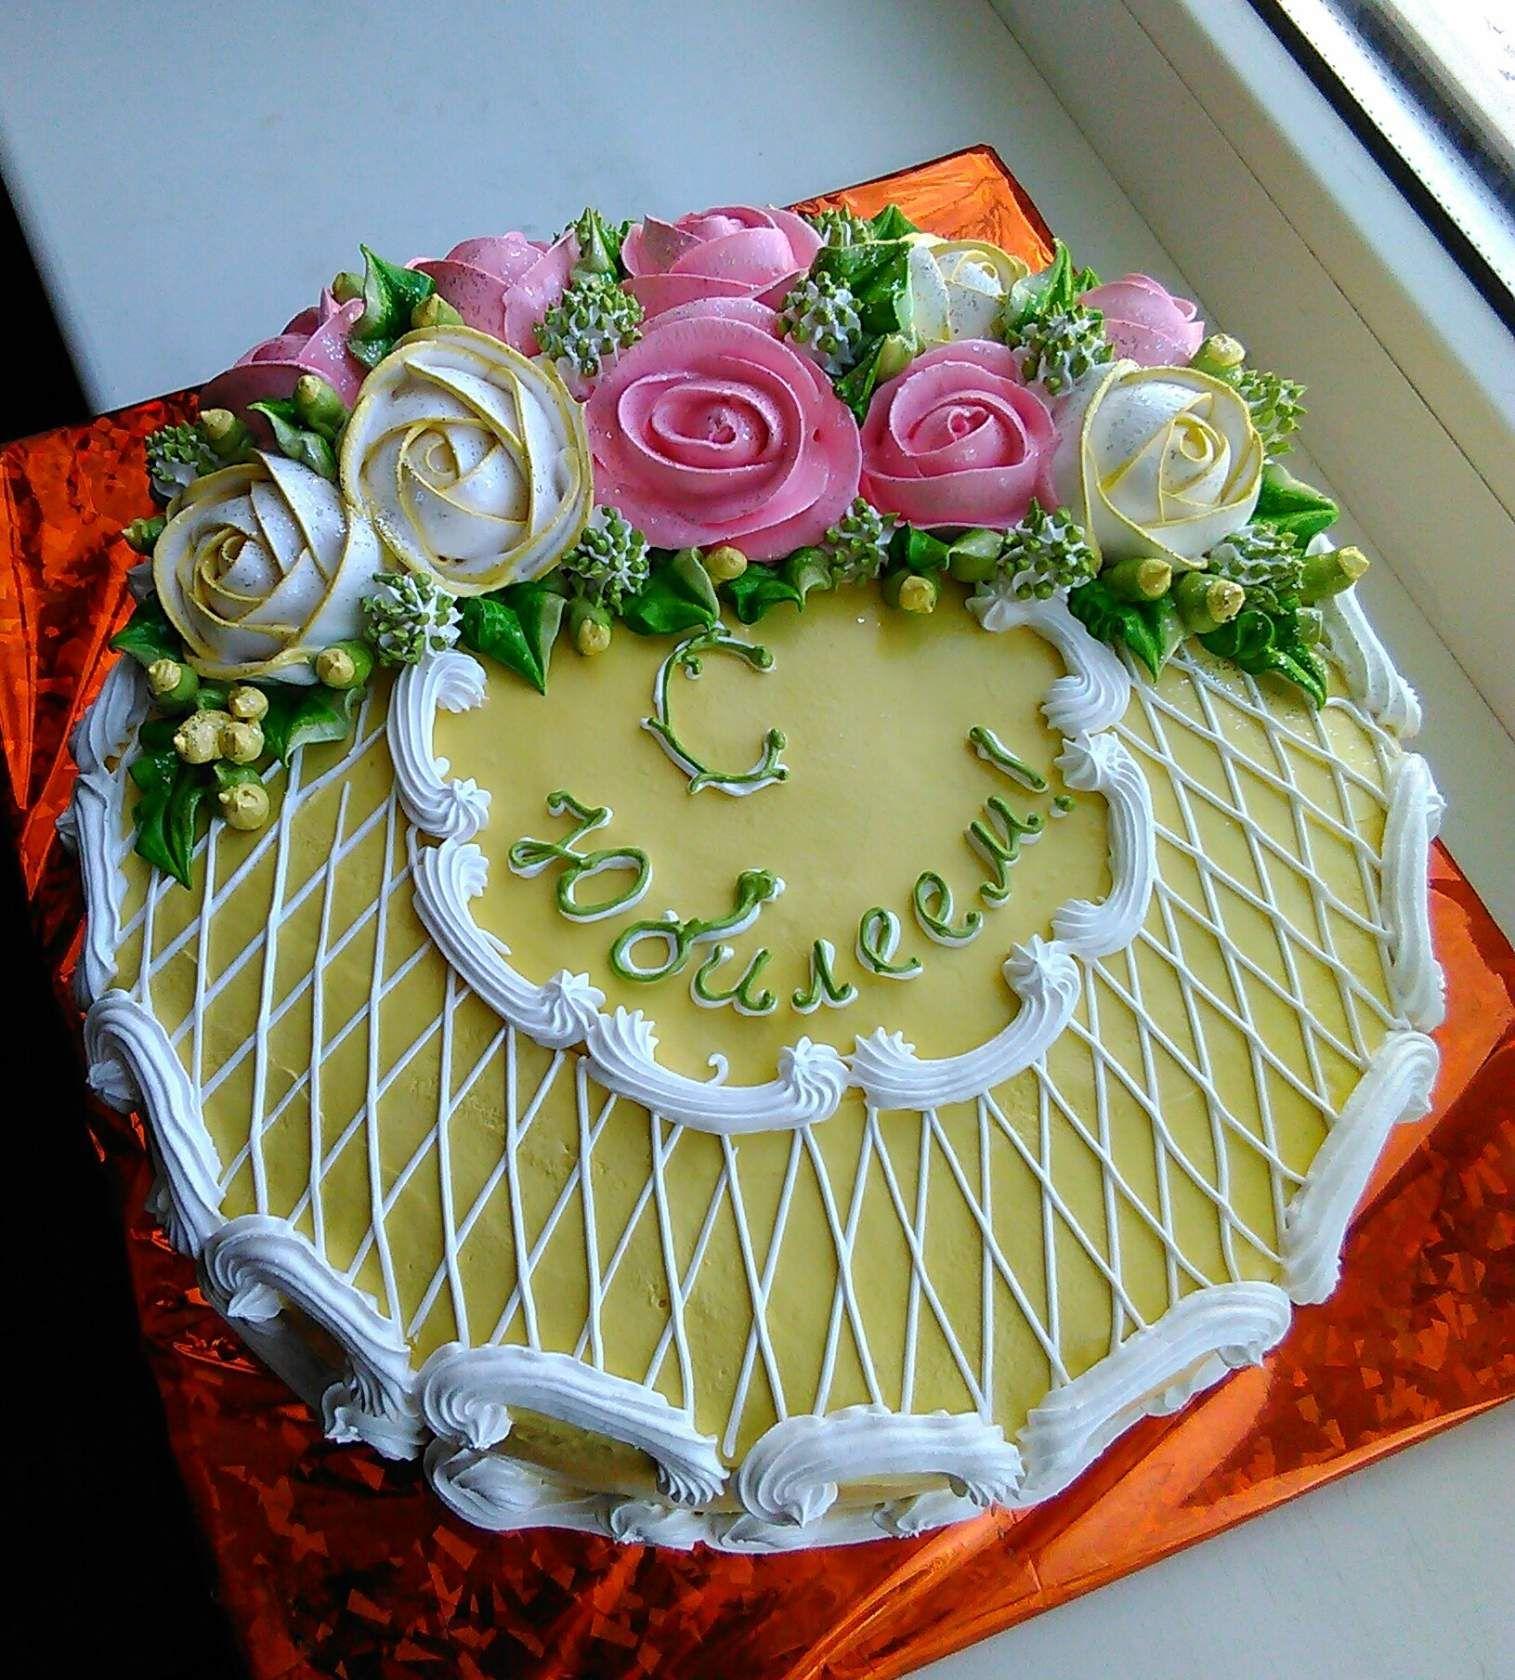 Персональне фото | Цветочные торты, Красивые торты, Торт